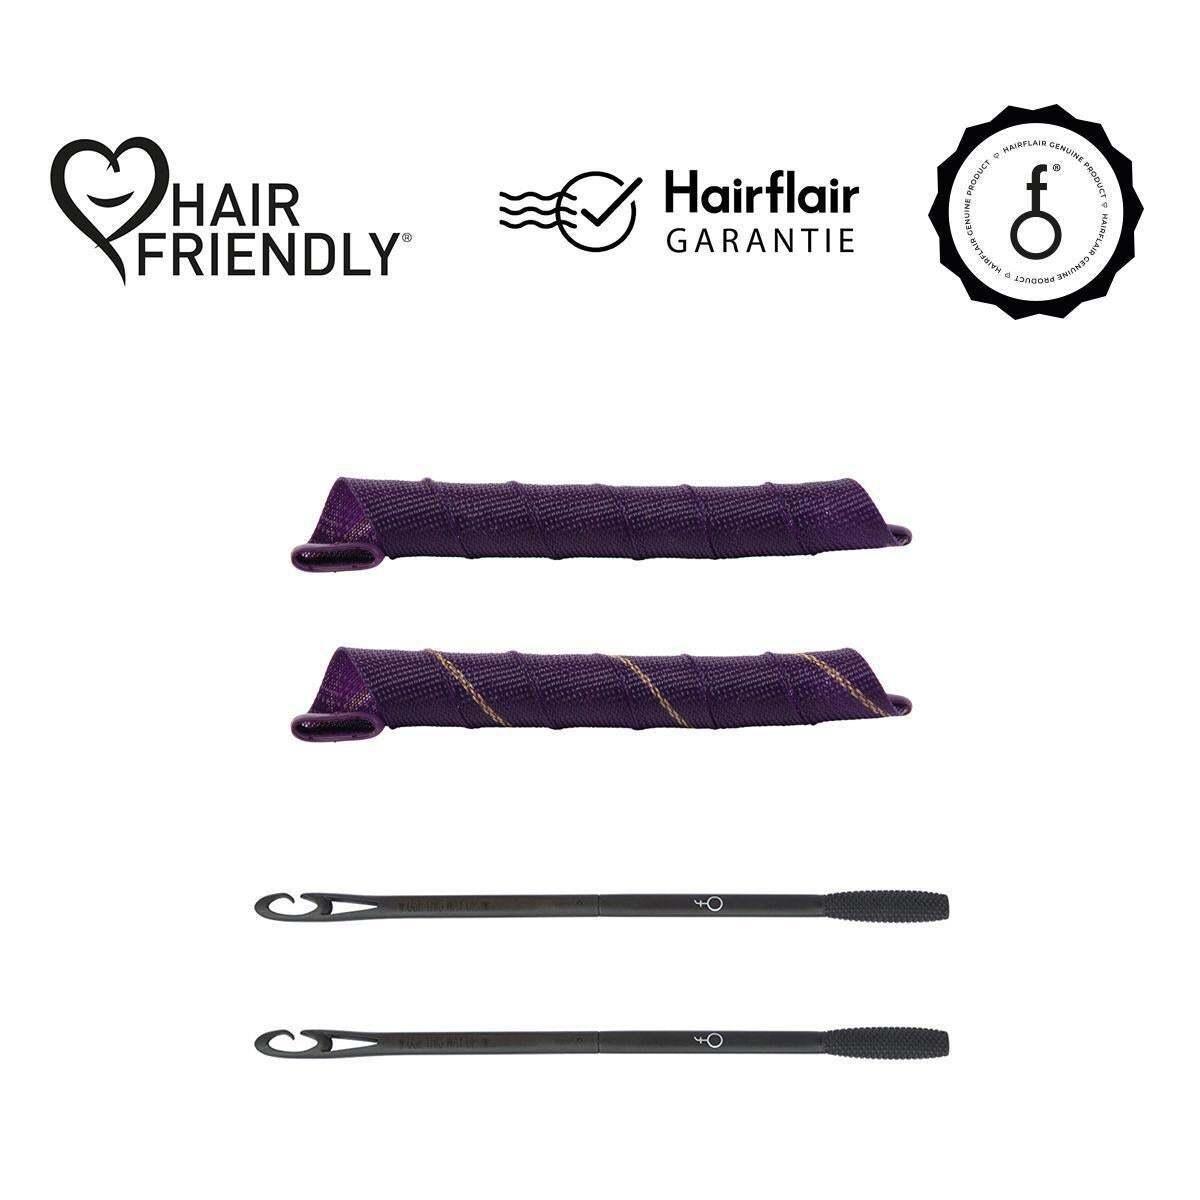 Bild 4 von Hairflair curlformers Barrel Curl Styling Kit